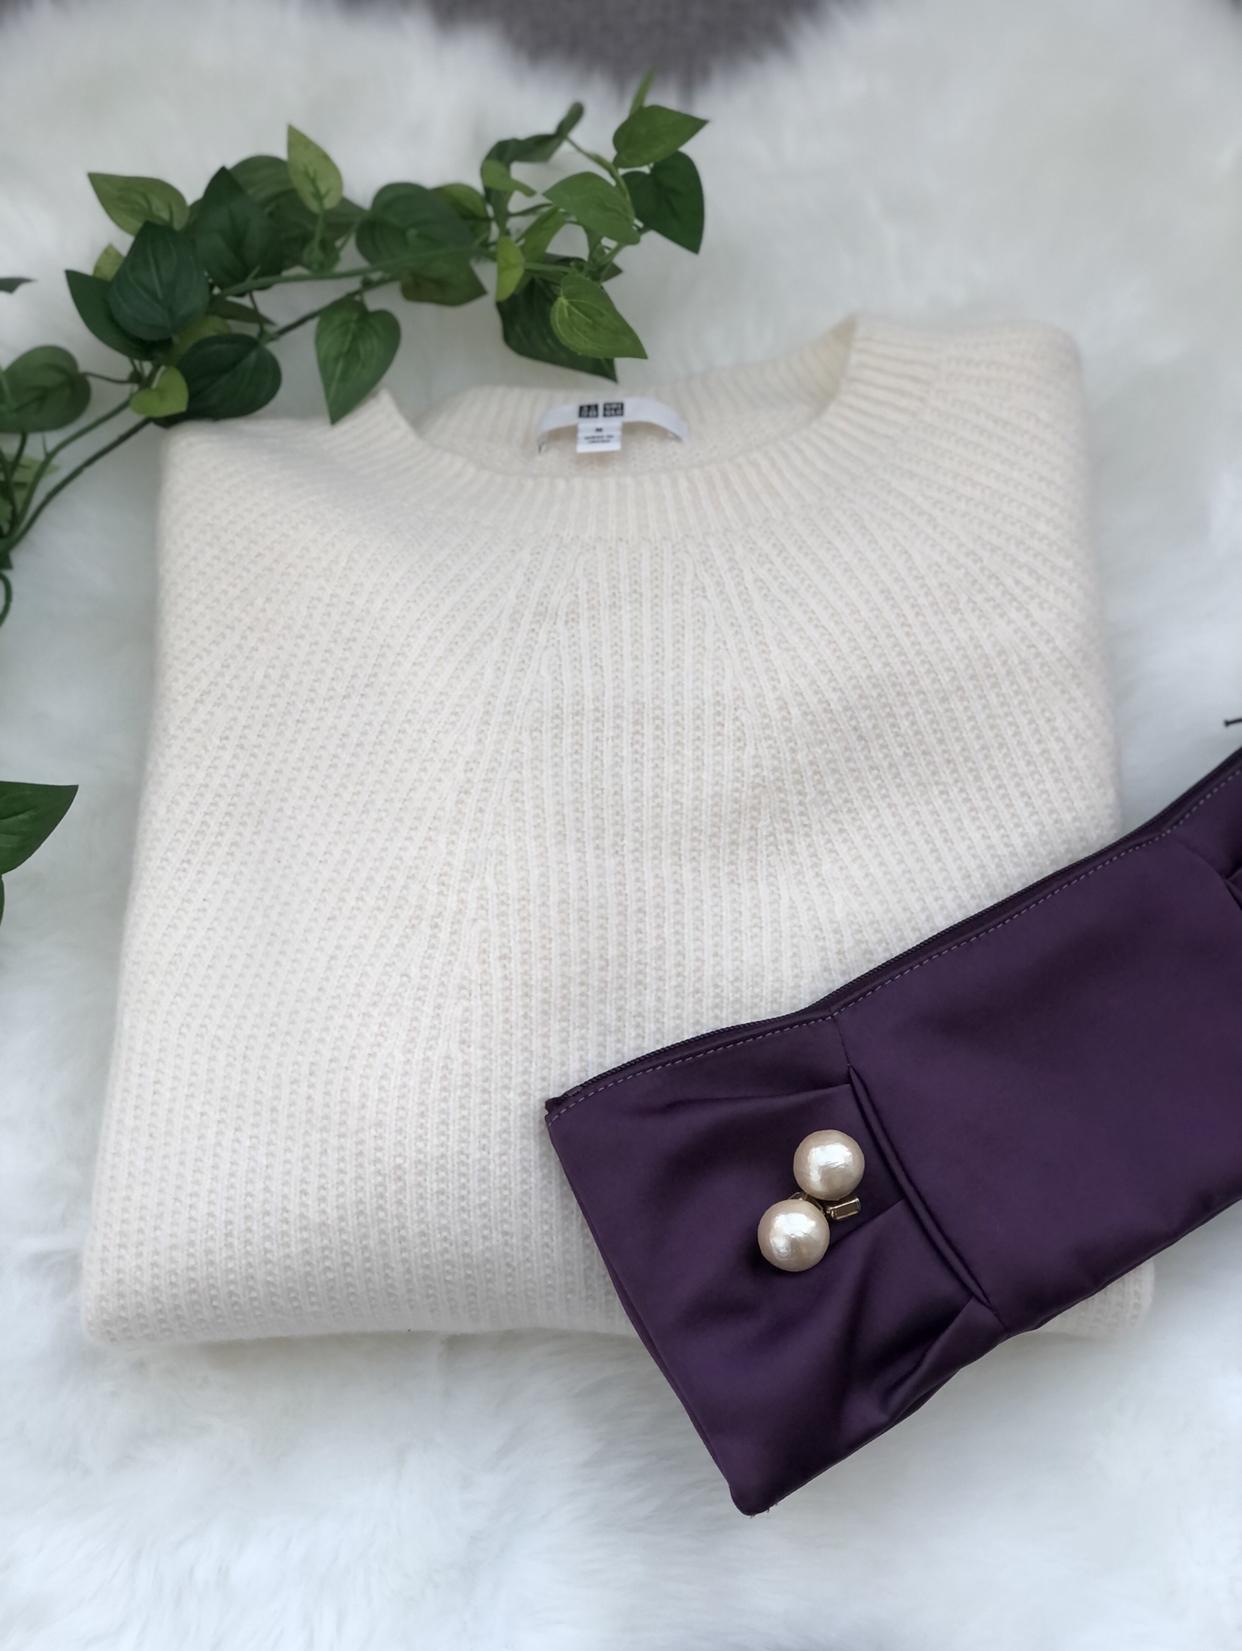 ユニクロのホワイトニット 縫い目のないホールガーメント裁縫で立体的なニット